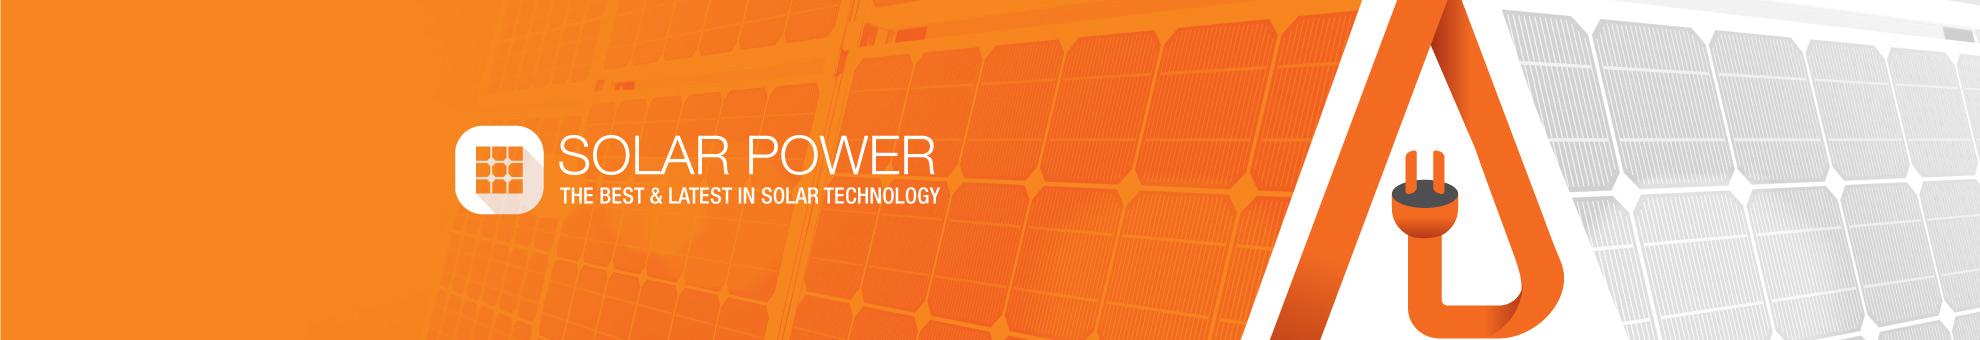 Solar Power banner